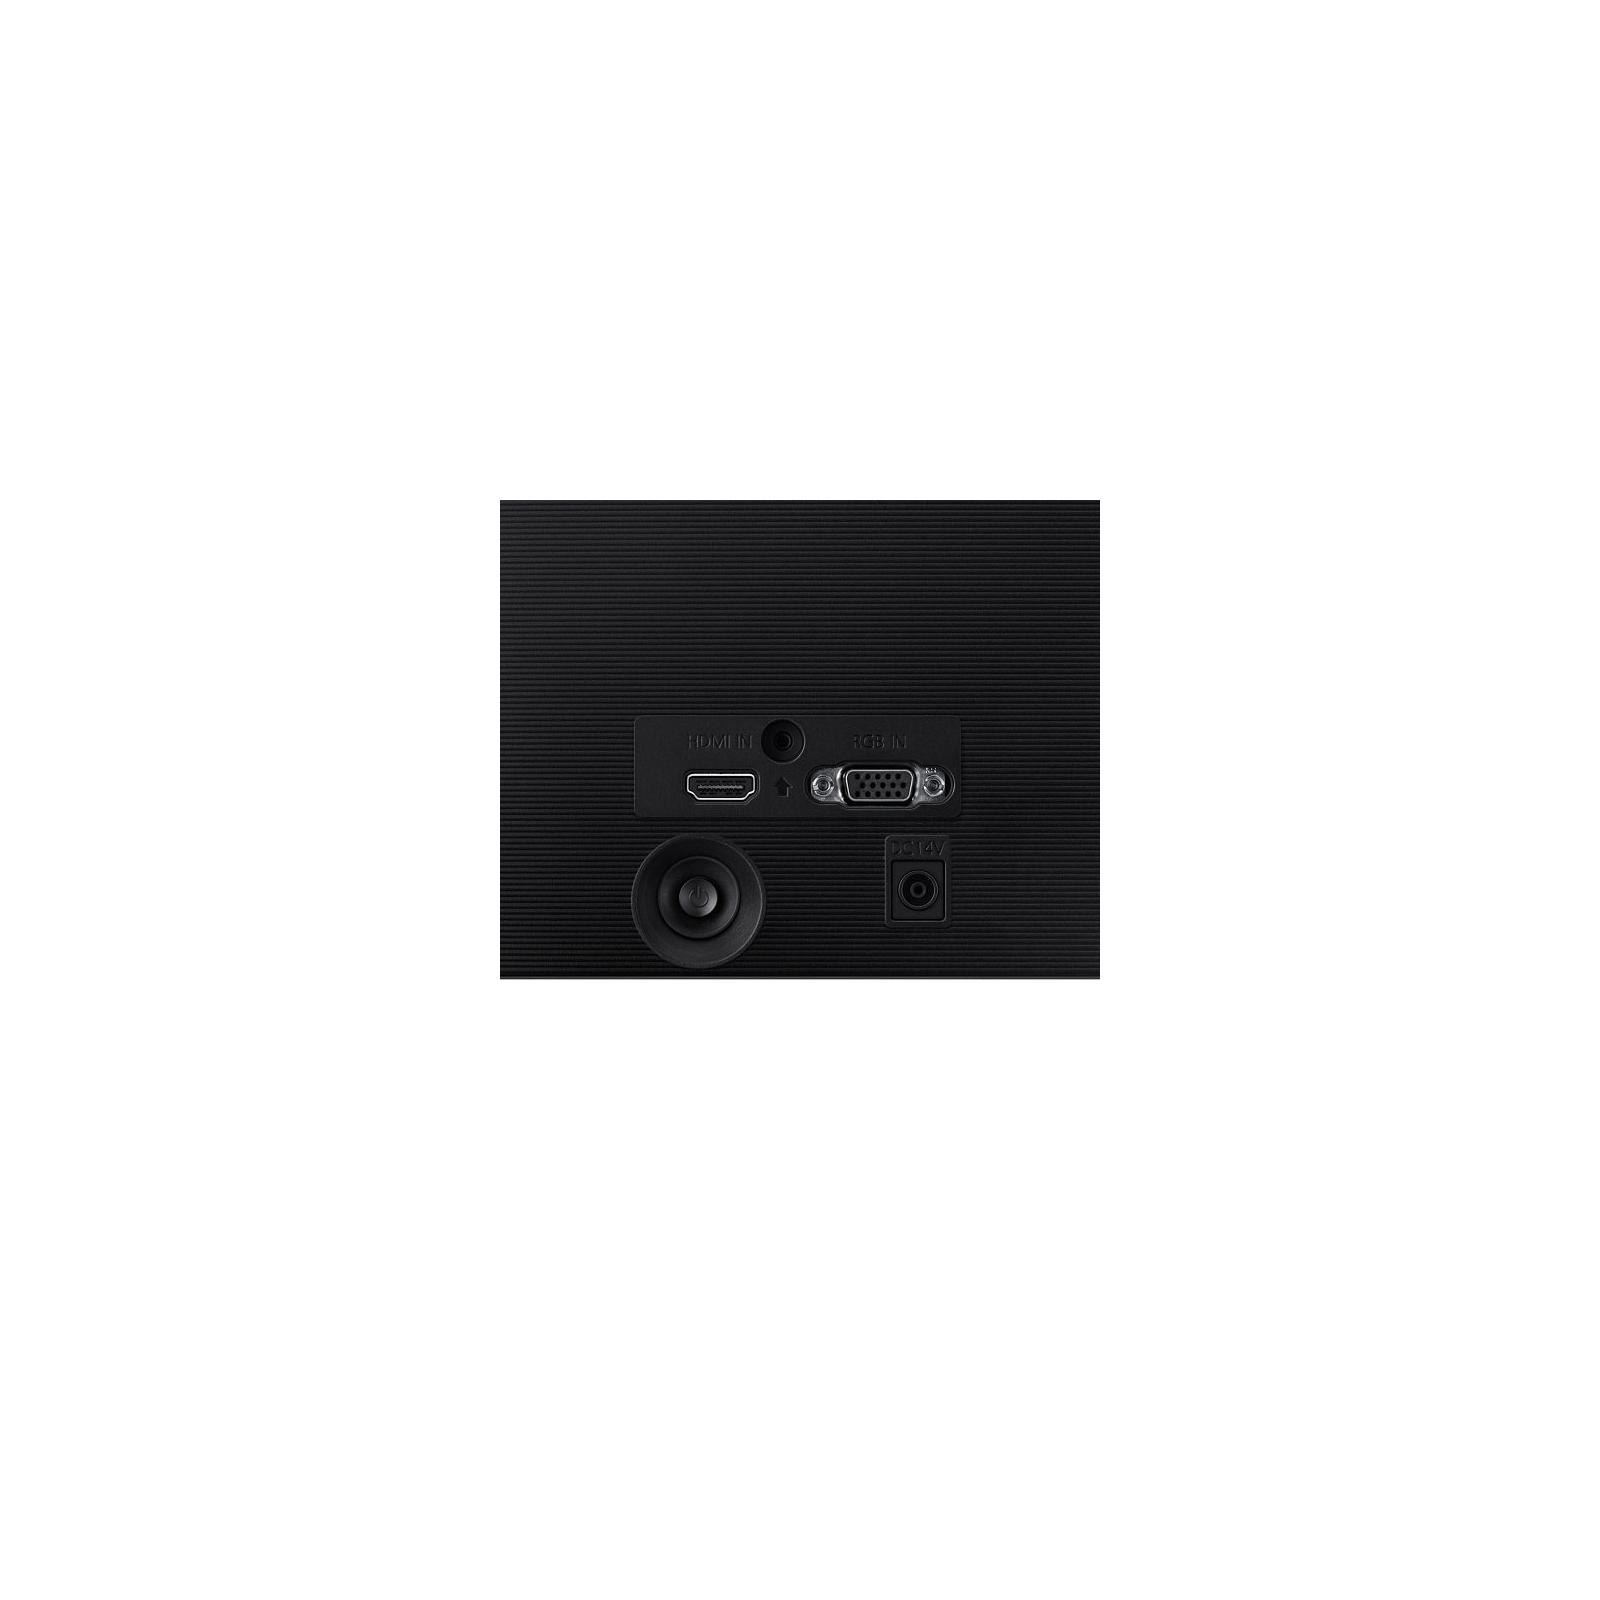 Монитор Samsung S24F350F (LS24F350FHIXCI) изображение 8